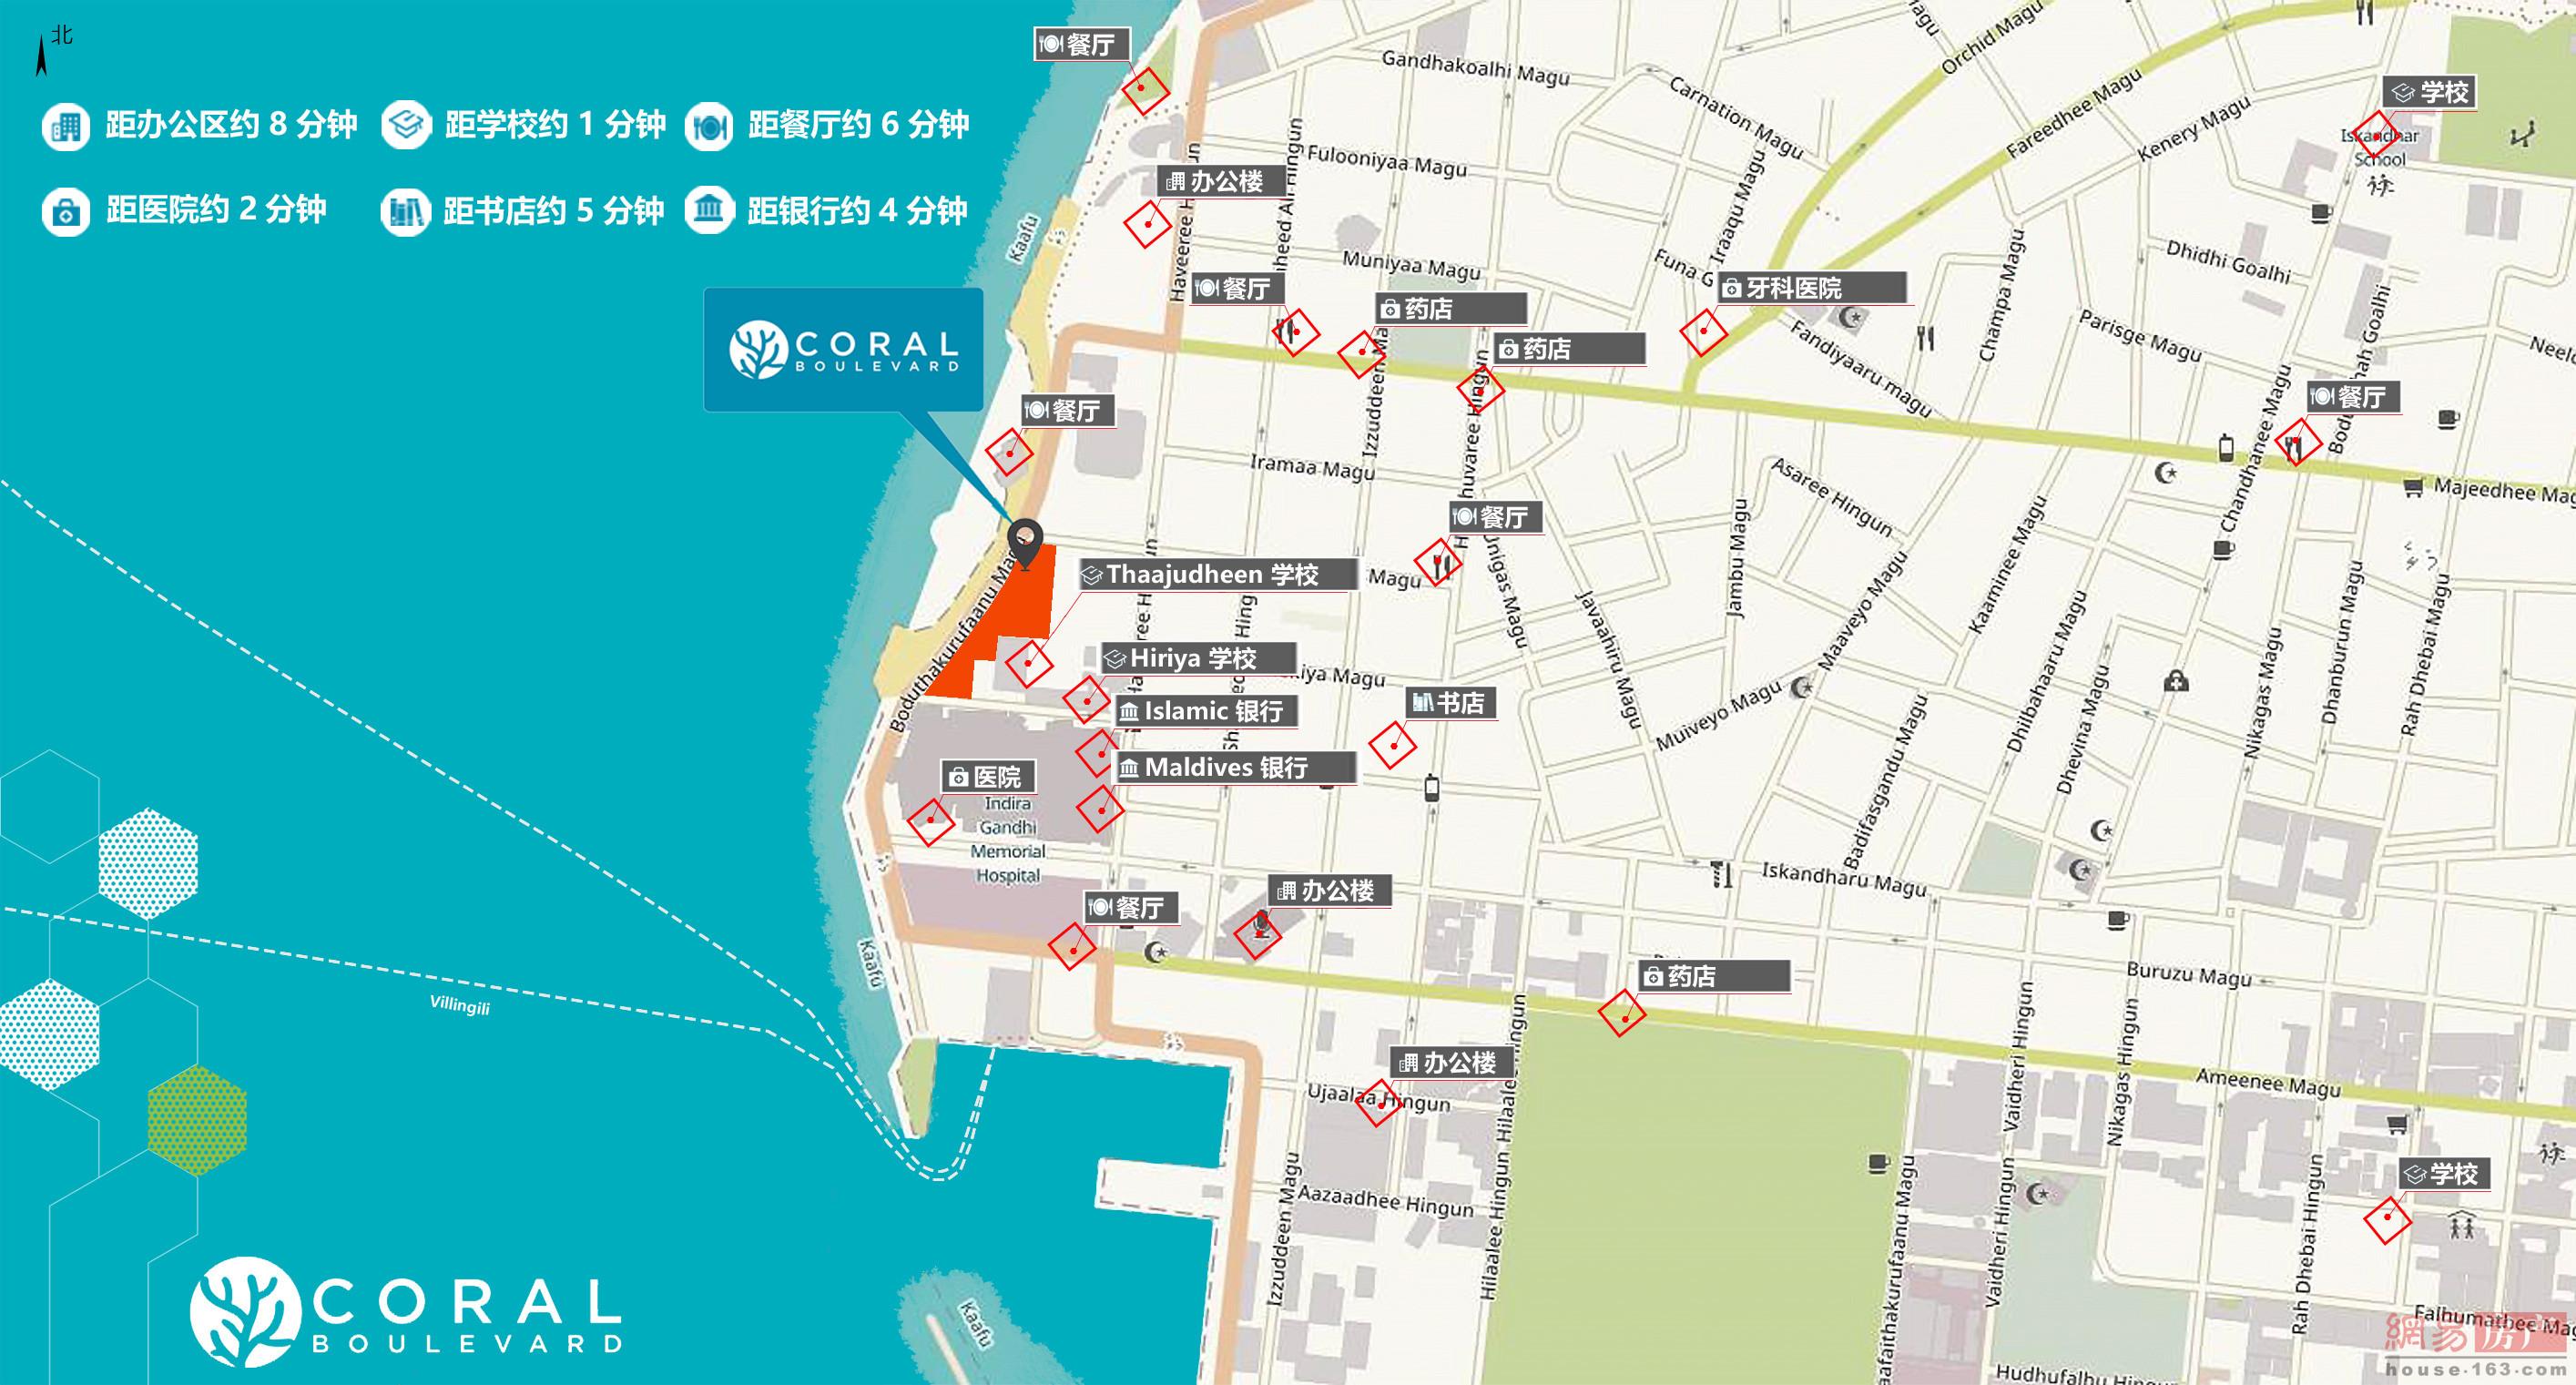 2018街景地图全景